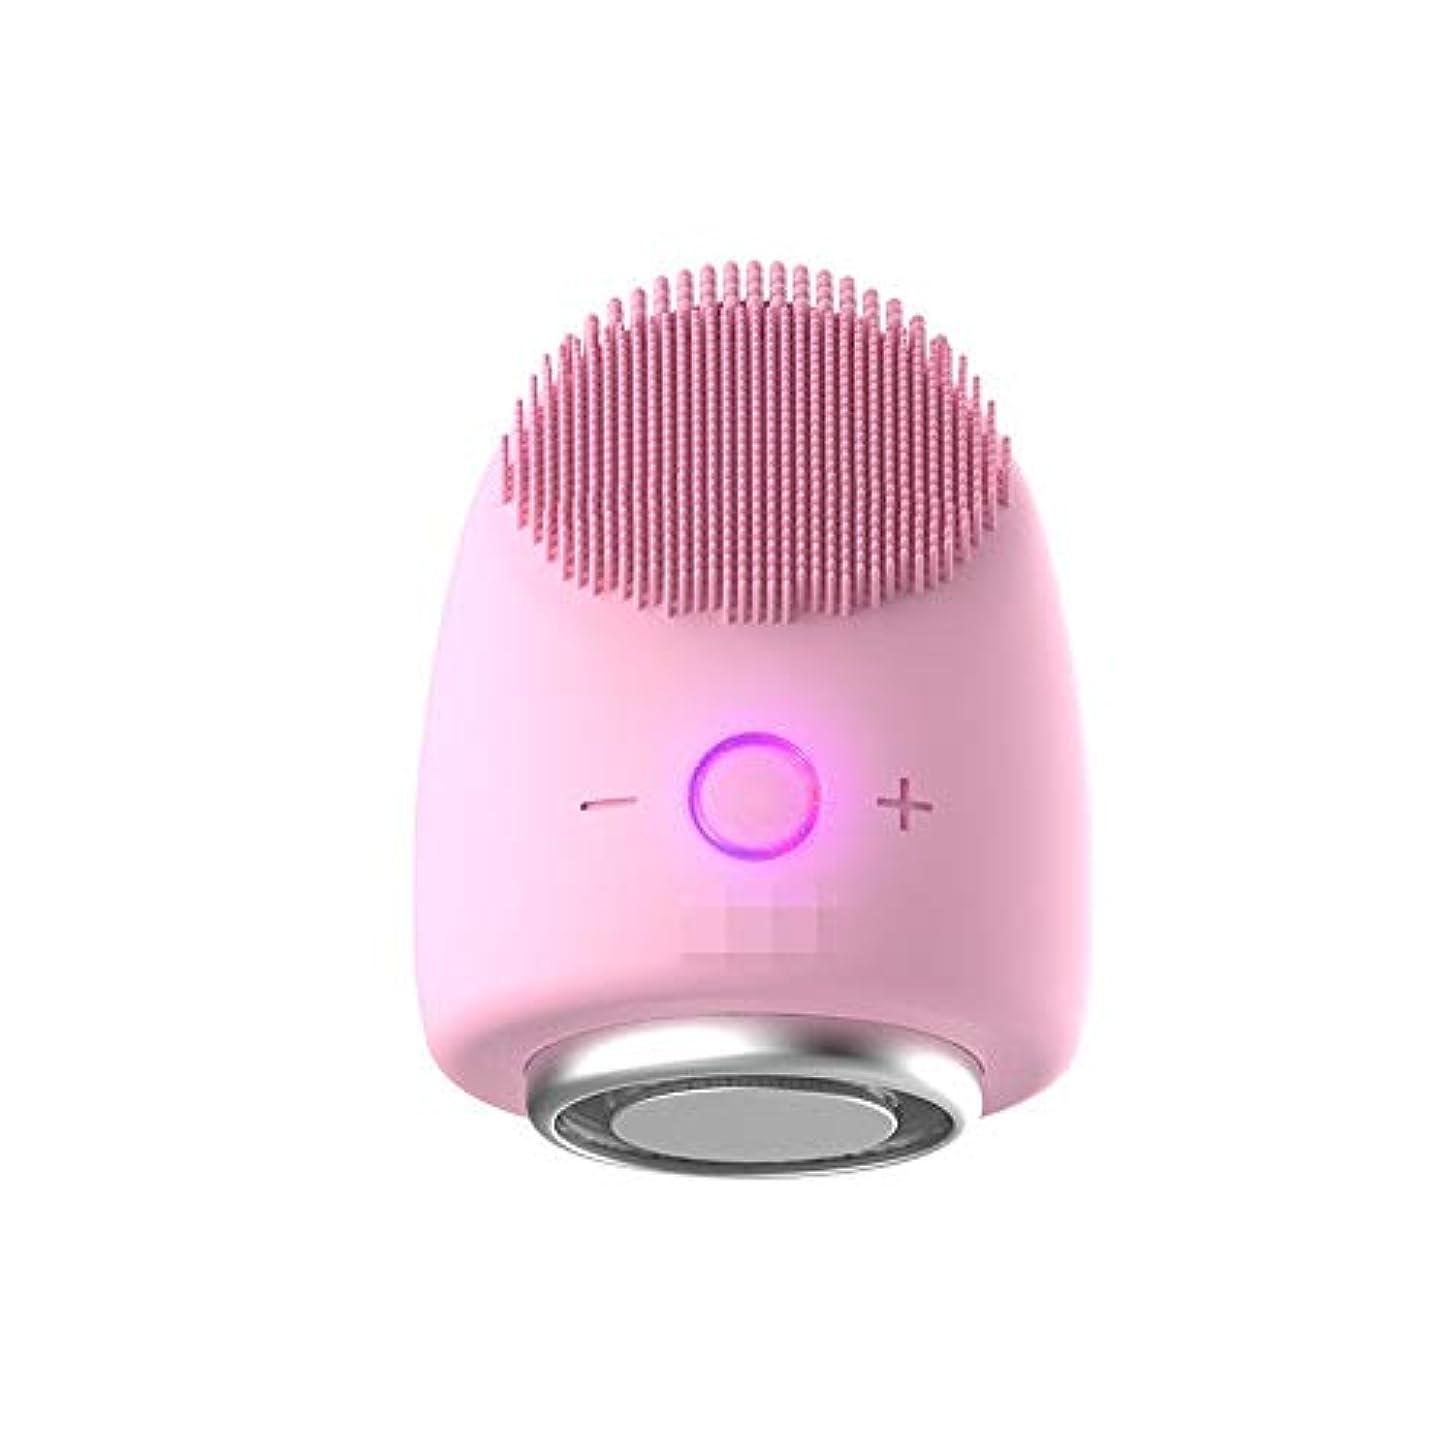 不安一時的無傷Chaopeng 多機能美容器具洗浄器具導入器具凝縮ホットドレッシング肌活性化器具 (Color : ピンク)